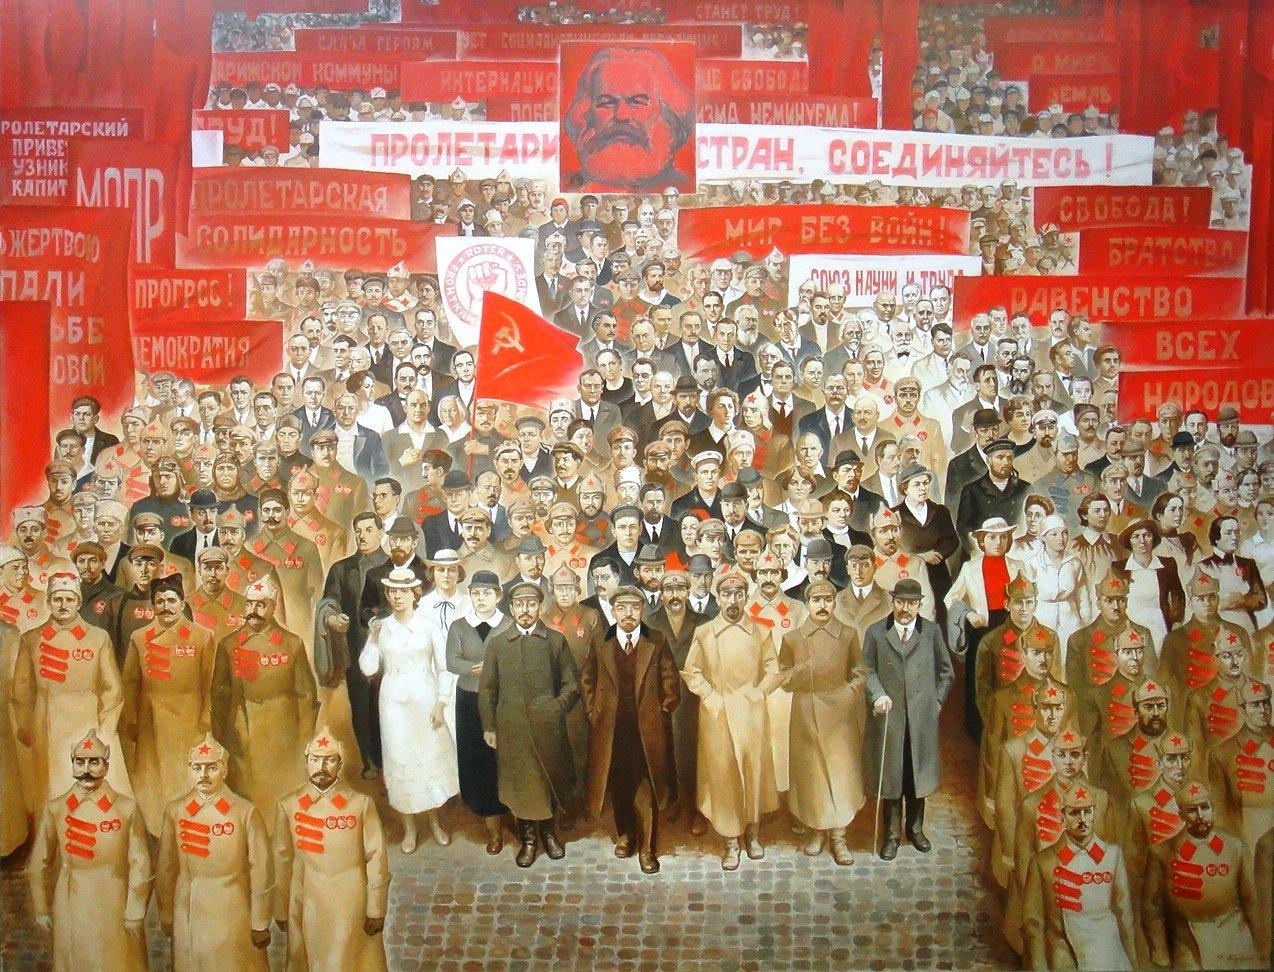 Легкой, открытки пролетарии всех стран соединяйтесь